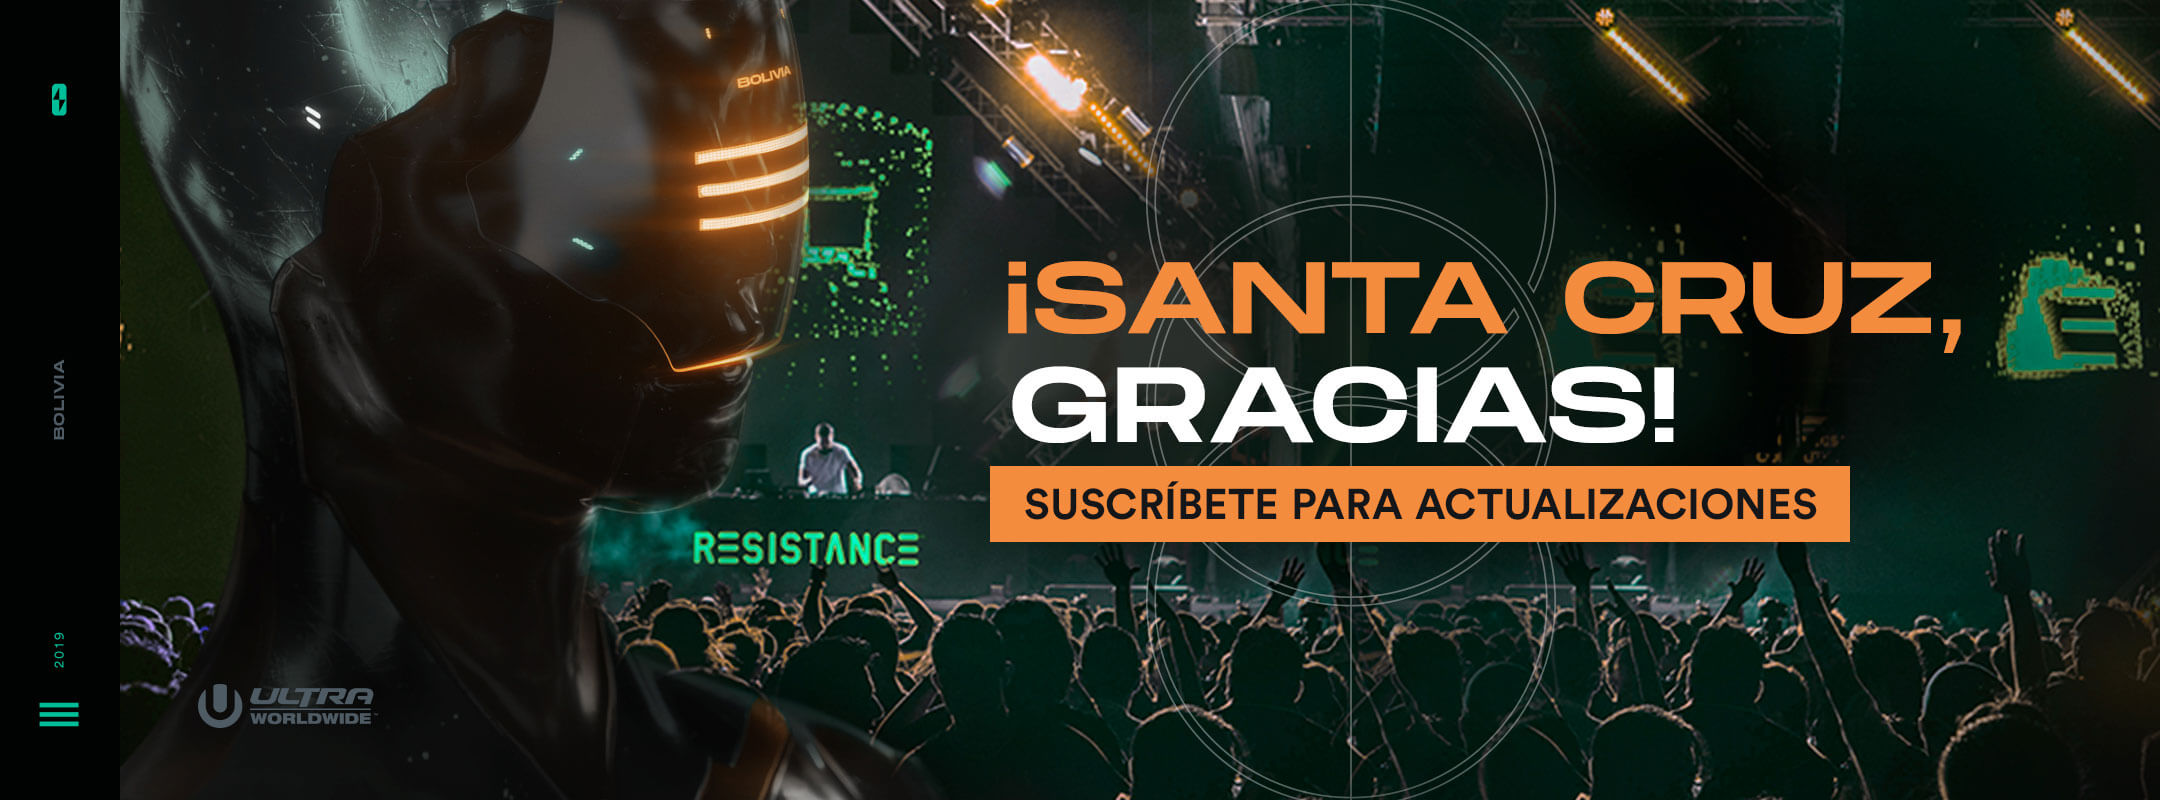 Recibe actualizaciones de RESISTANCE Santa Cruz